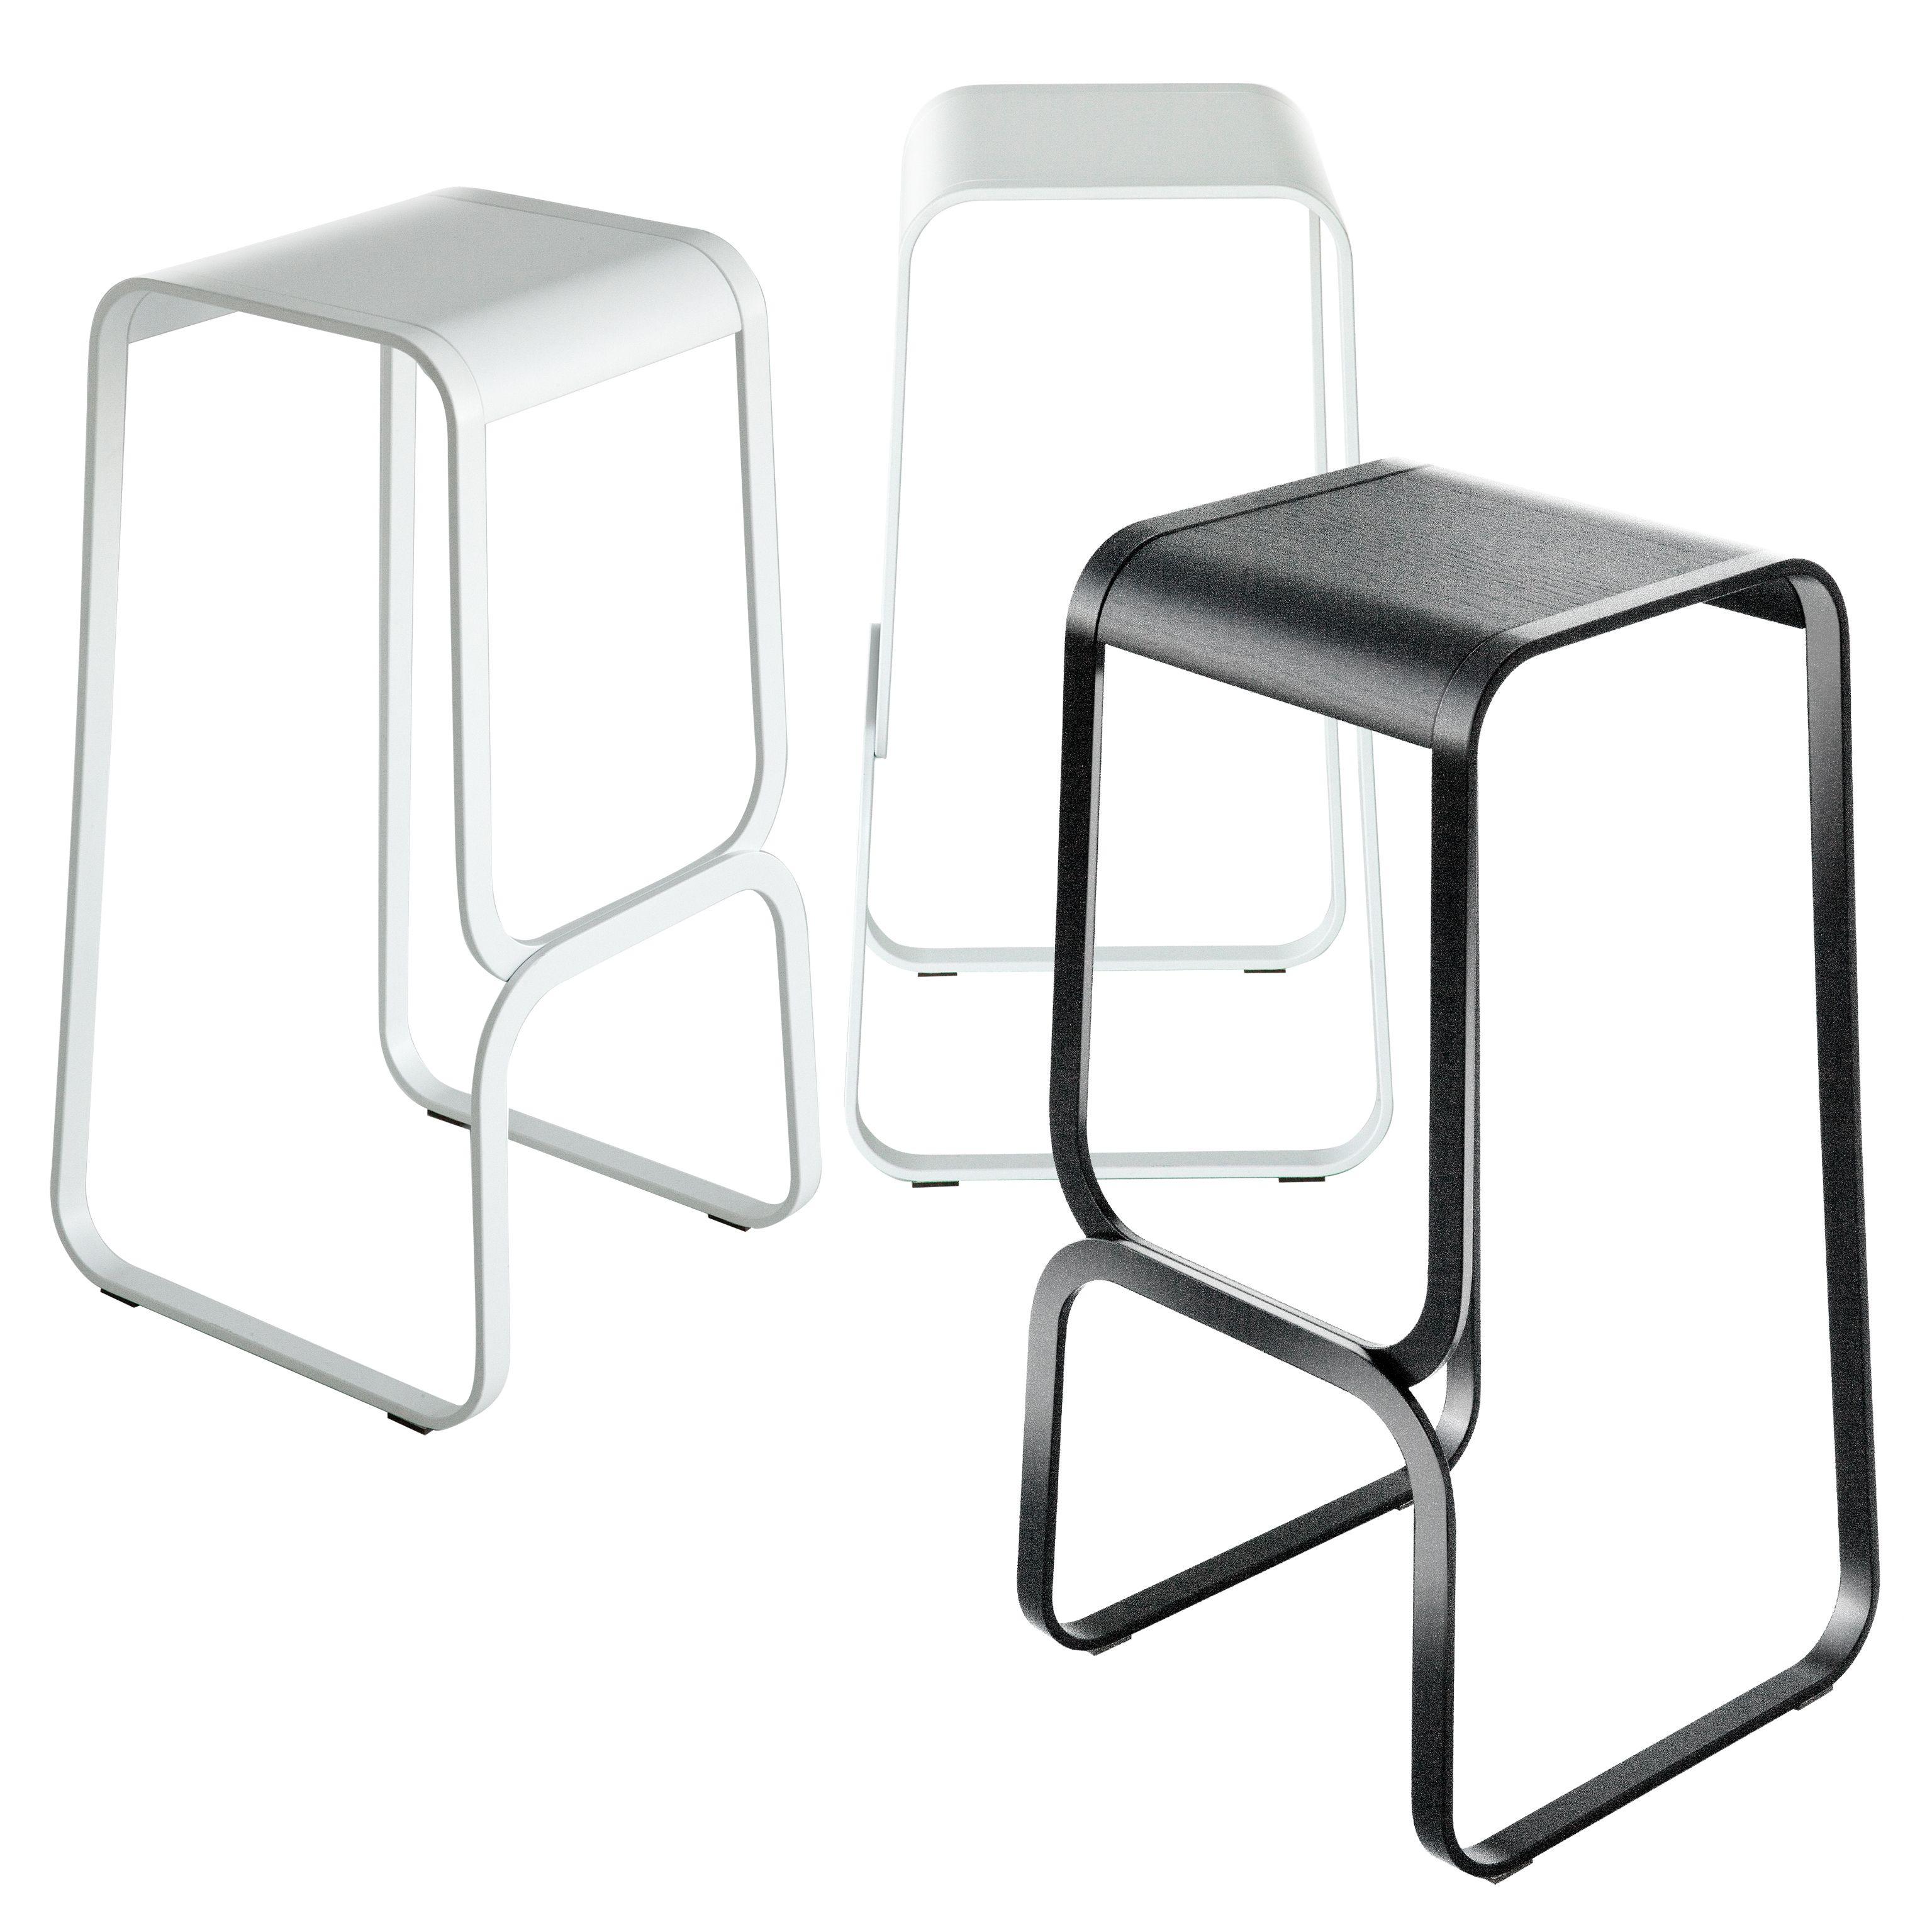 tabouret de bar continuum bois m tal h 80 cm assise noire structure noire lapalma. Black Bedroom Furniture Sets. Home Design Ideas